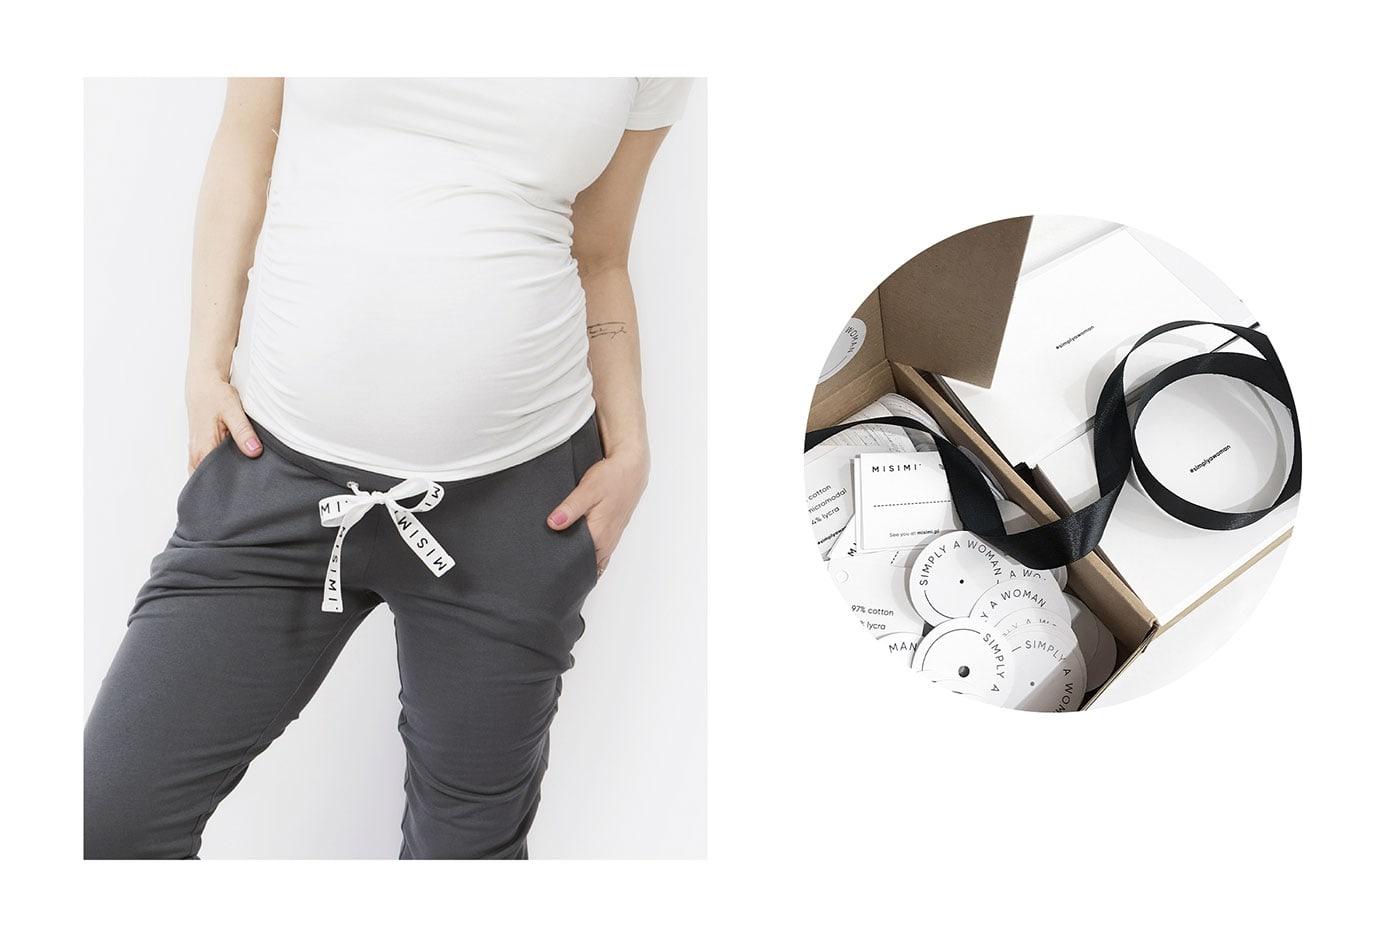 极简精致 孕妇服装品牌Misimi视觉形象设计